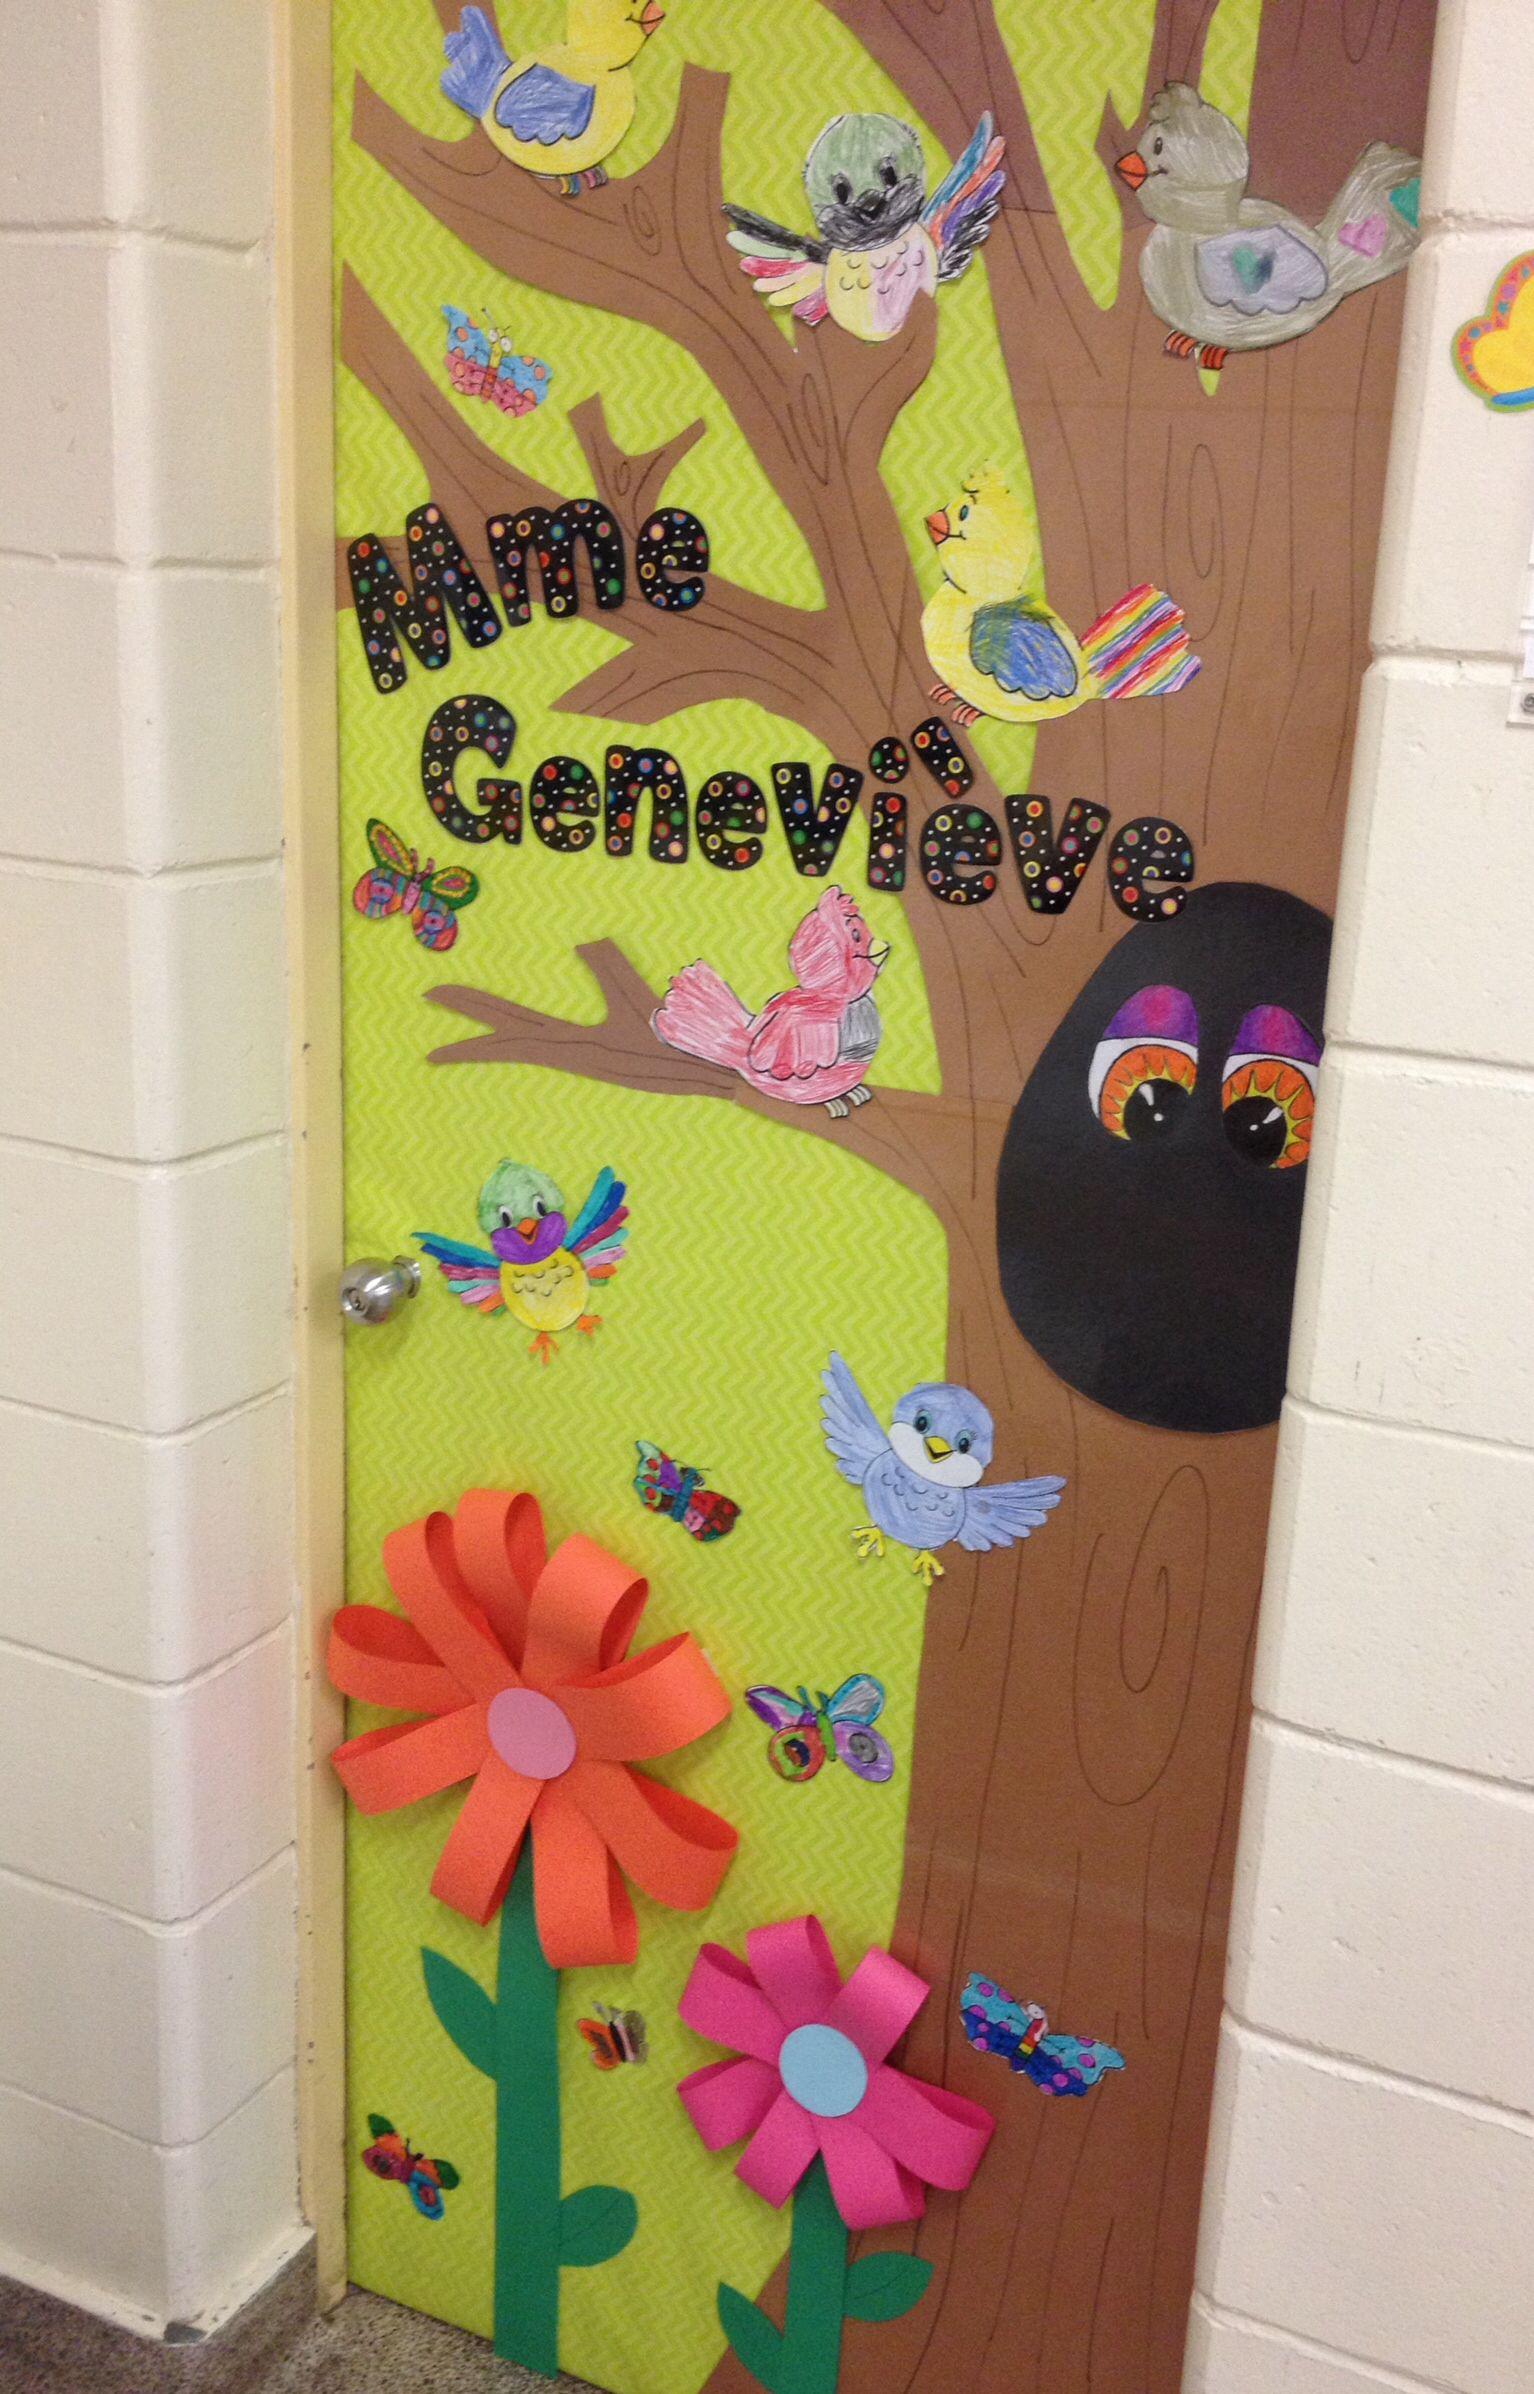 decoration porte de classe changer le theme en fonction des periodes de l annee rentree halloween